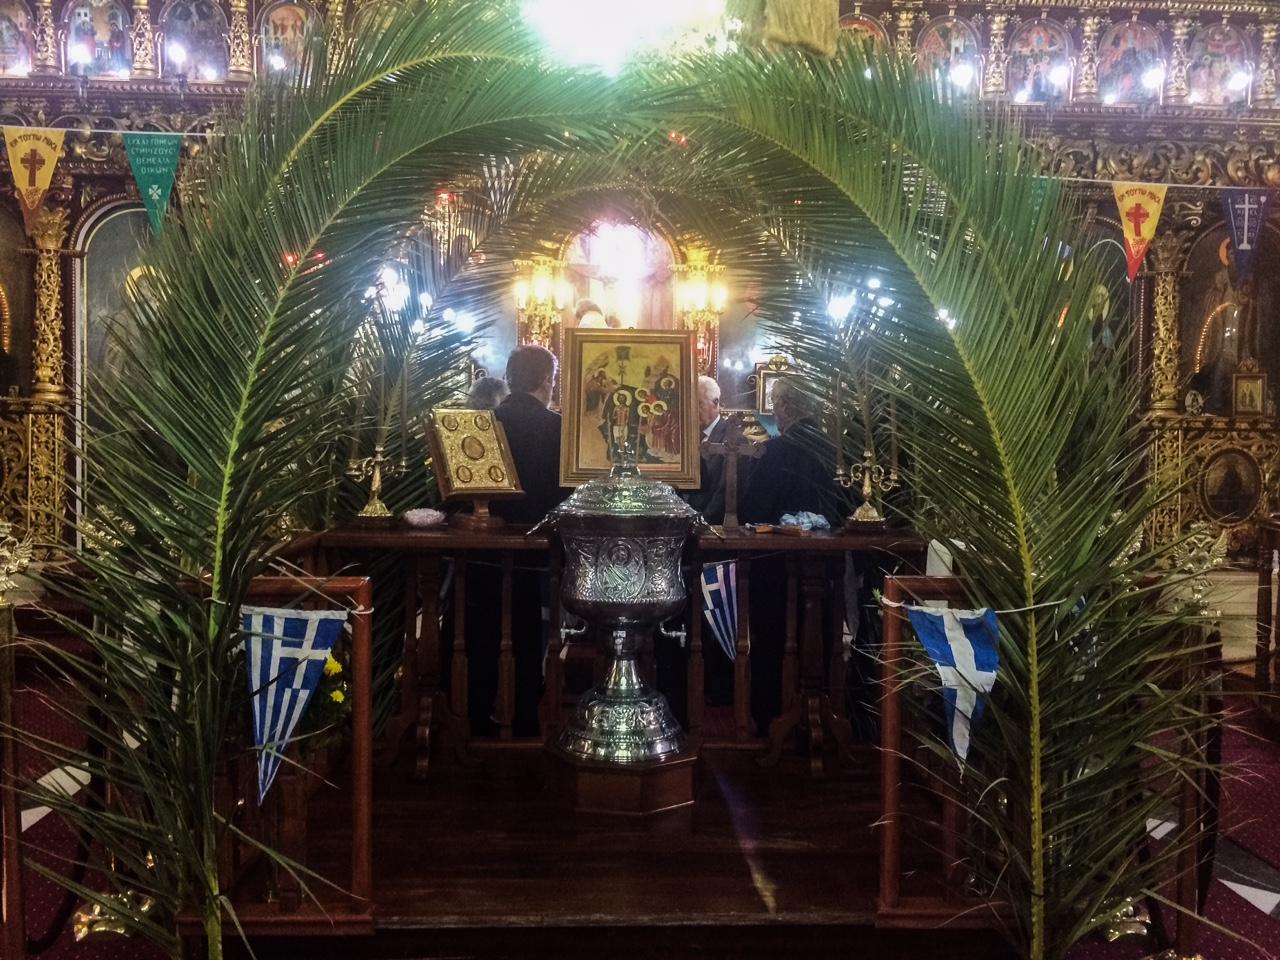 Ποια η  διάκριση μεταξύ του Μεγάλου και Μικρού Αγιασμού  στις Ακολουθίες των Θεοφανείων